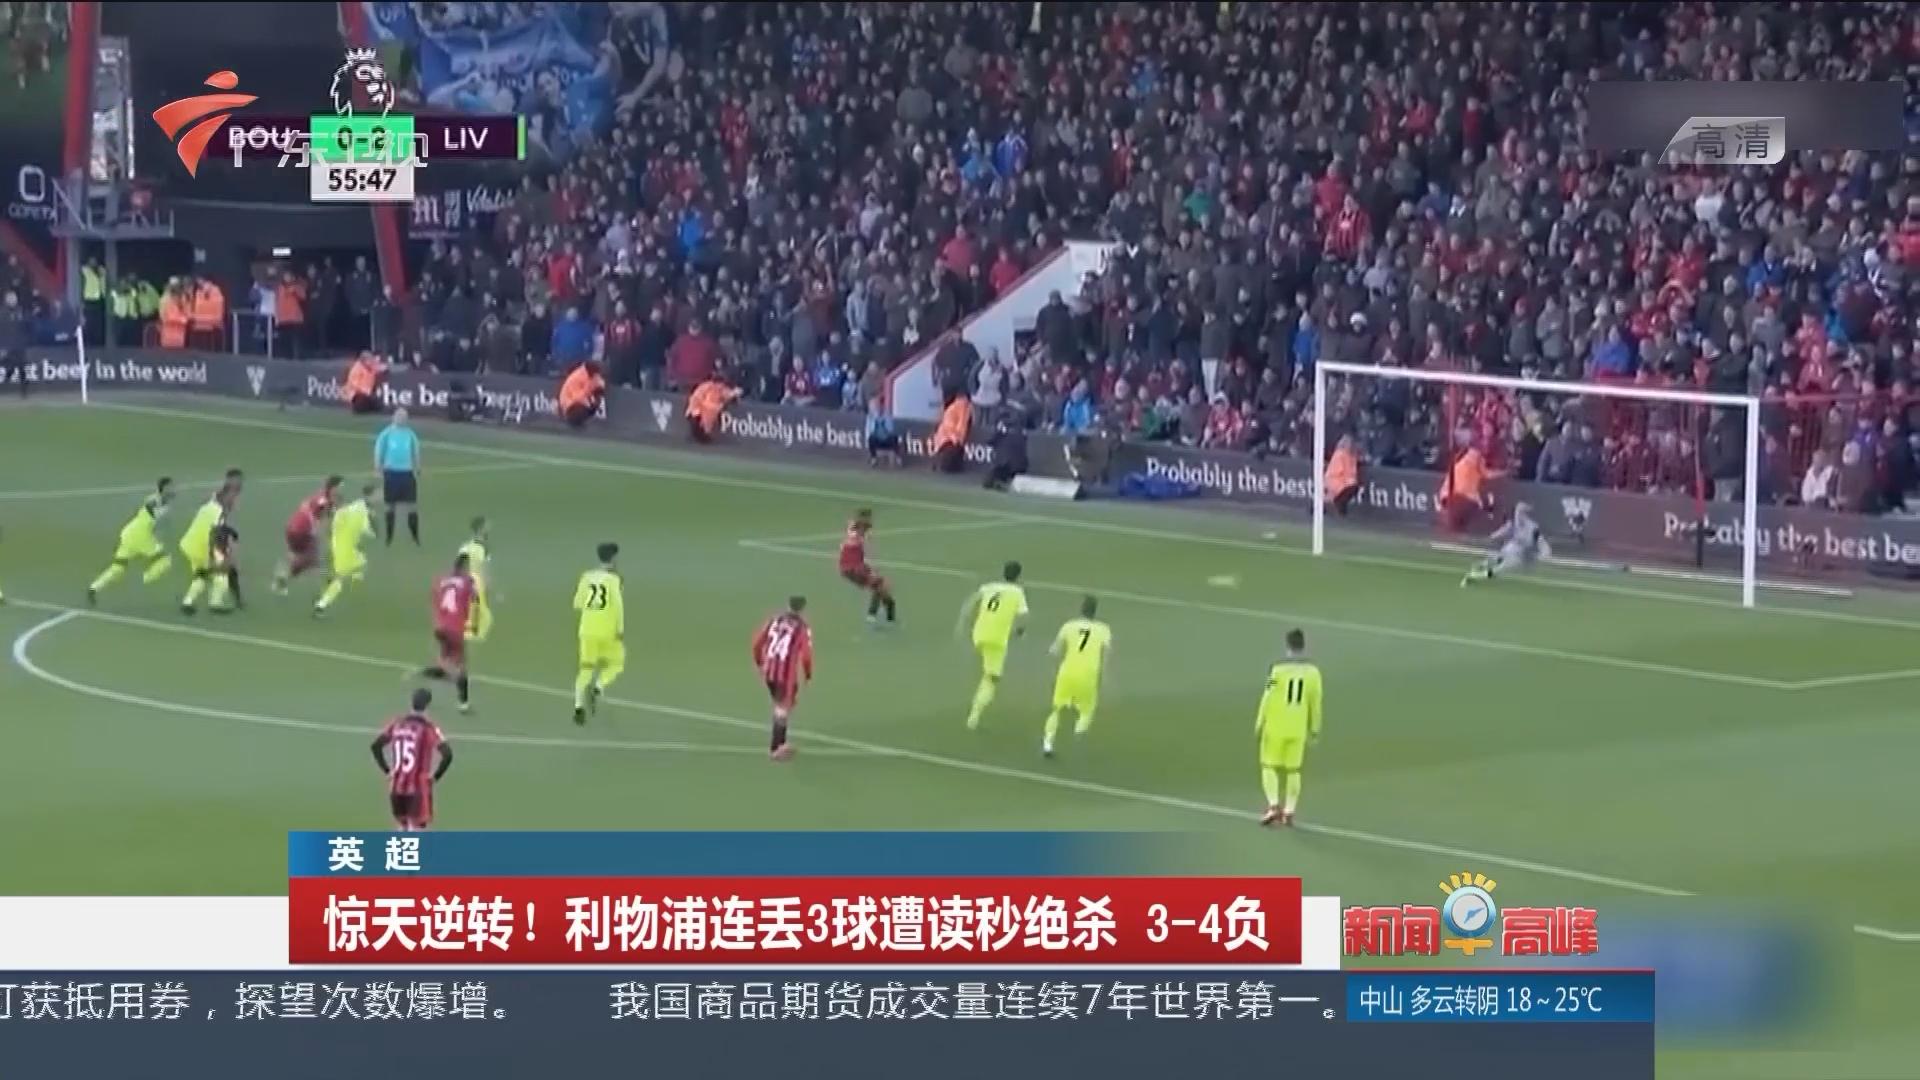 英超:惊天逆转!利物浦连丢3球遭读秒绝杀 3-4负